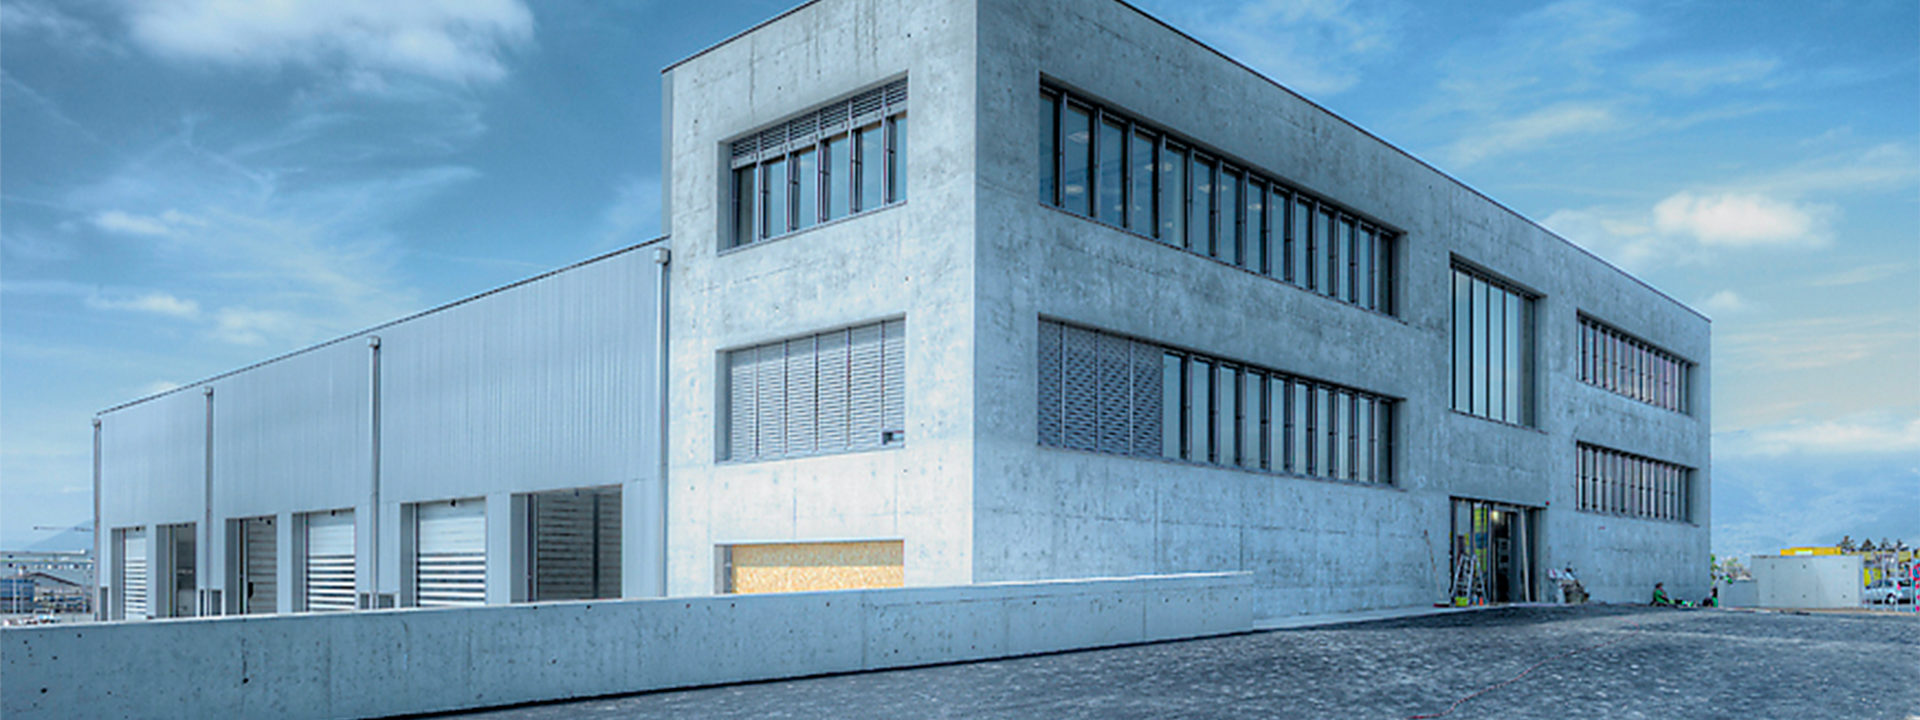 Außenansicht eines Bauprojekts der IE Group